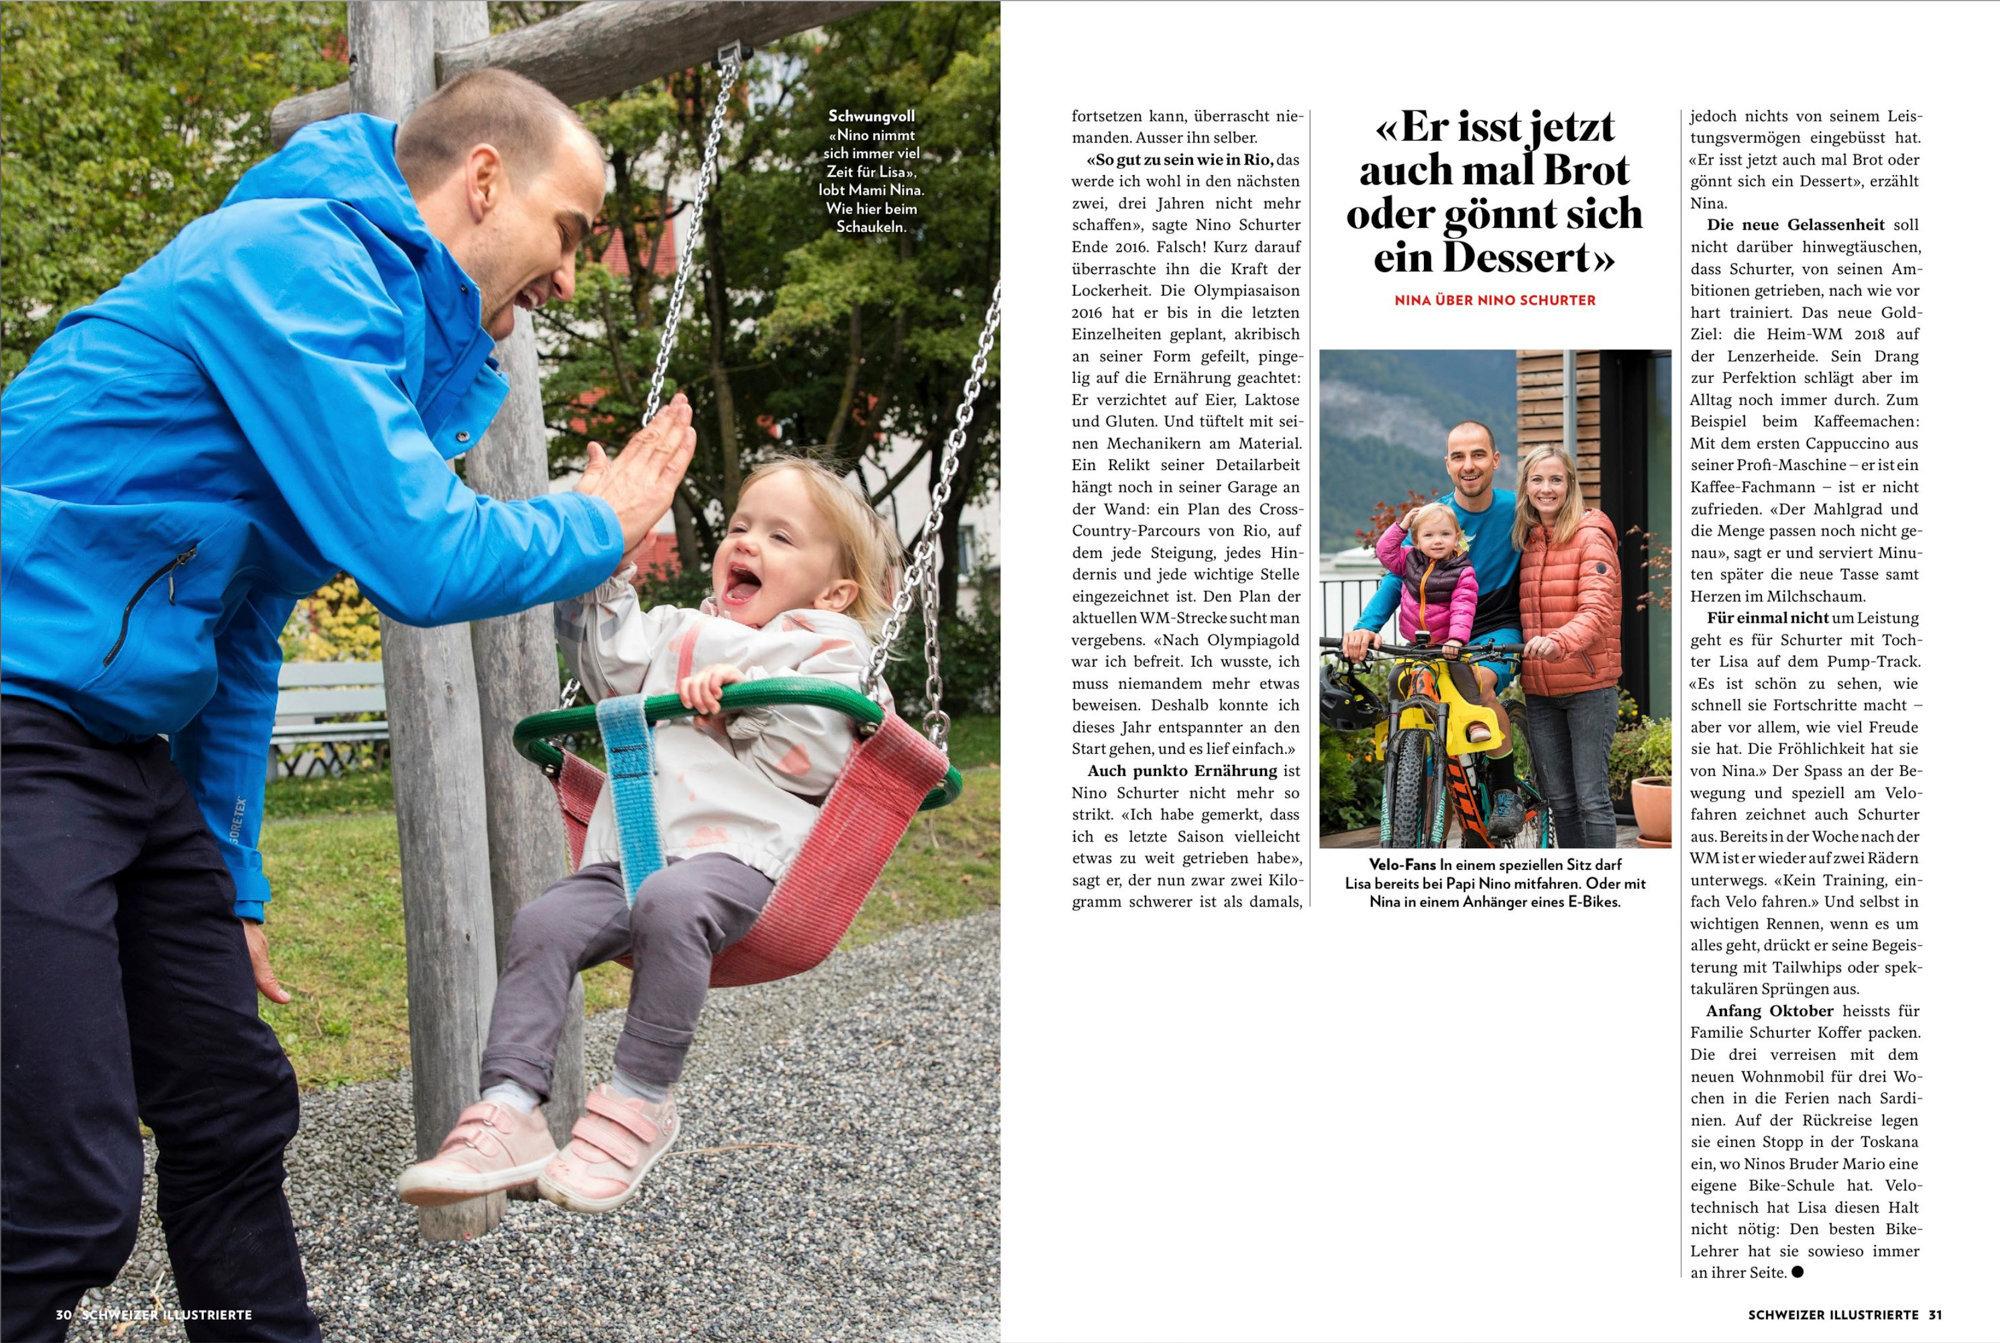 Familie Schurter, Schweizer Illustrierte, September 2017